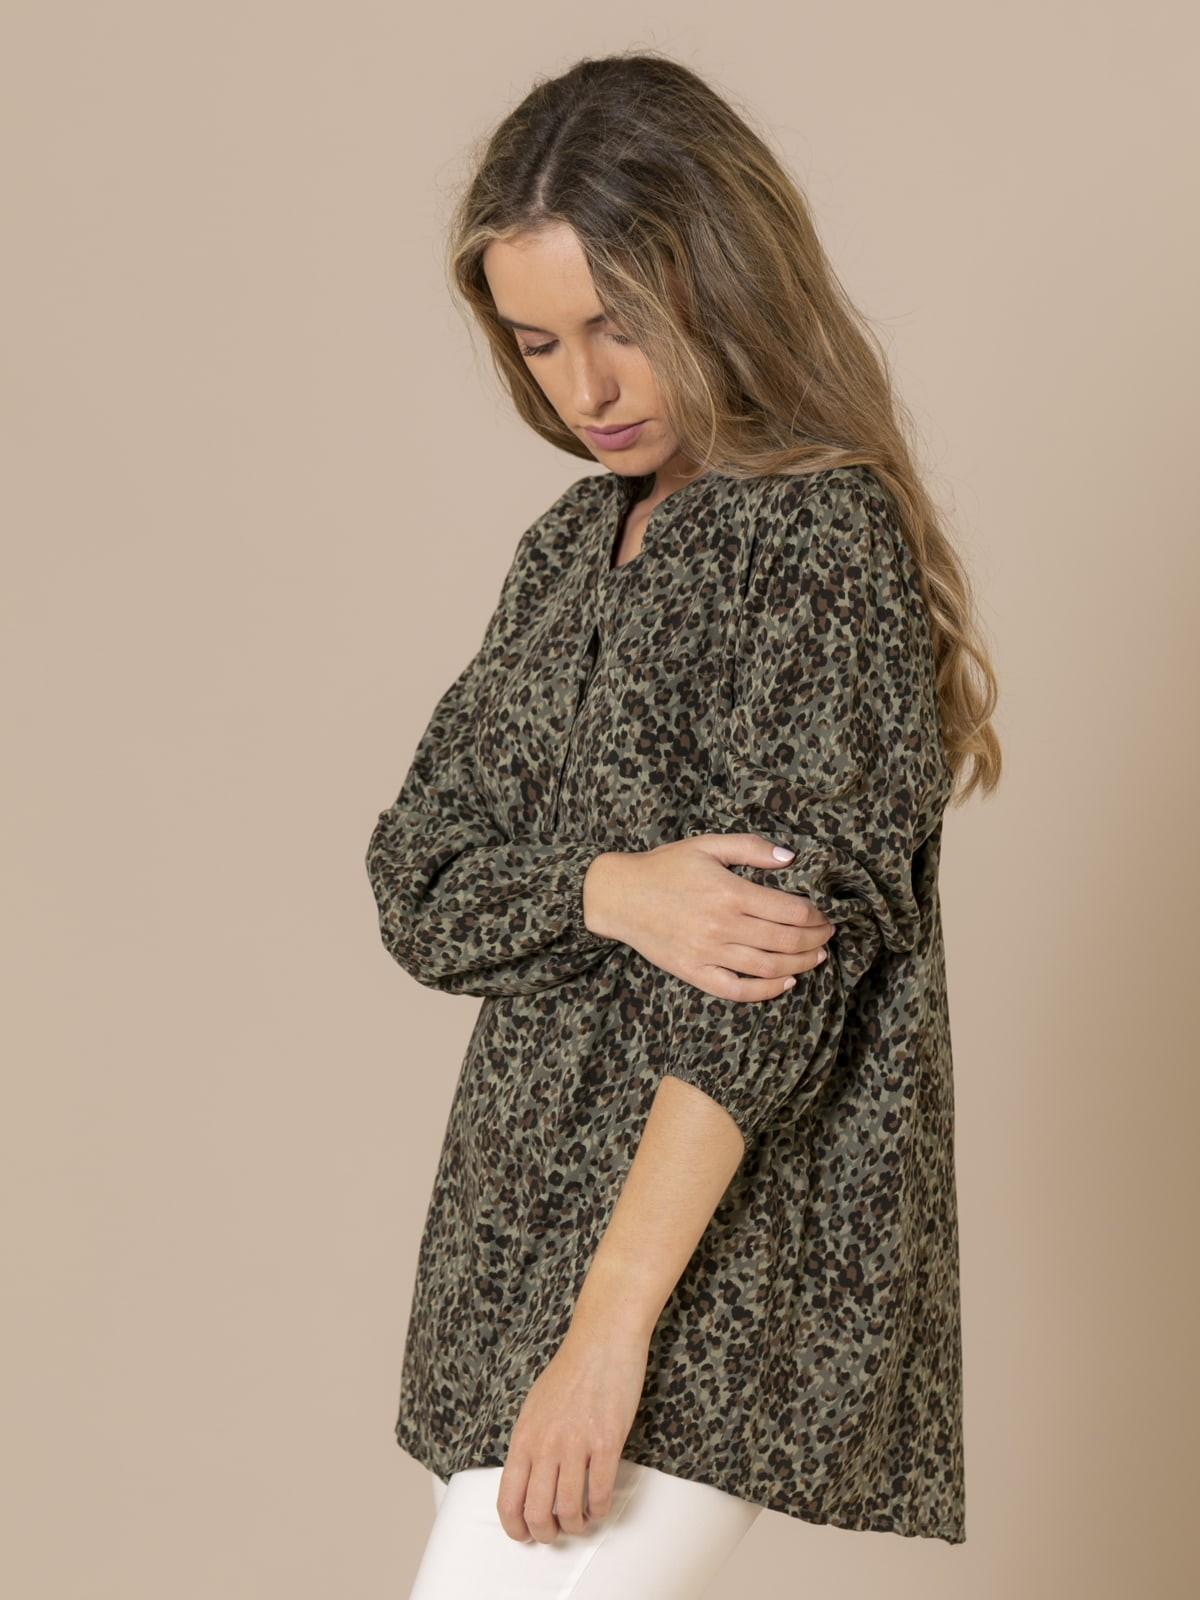 Camisa mujer botones animal print pequeñito Caqui